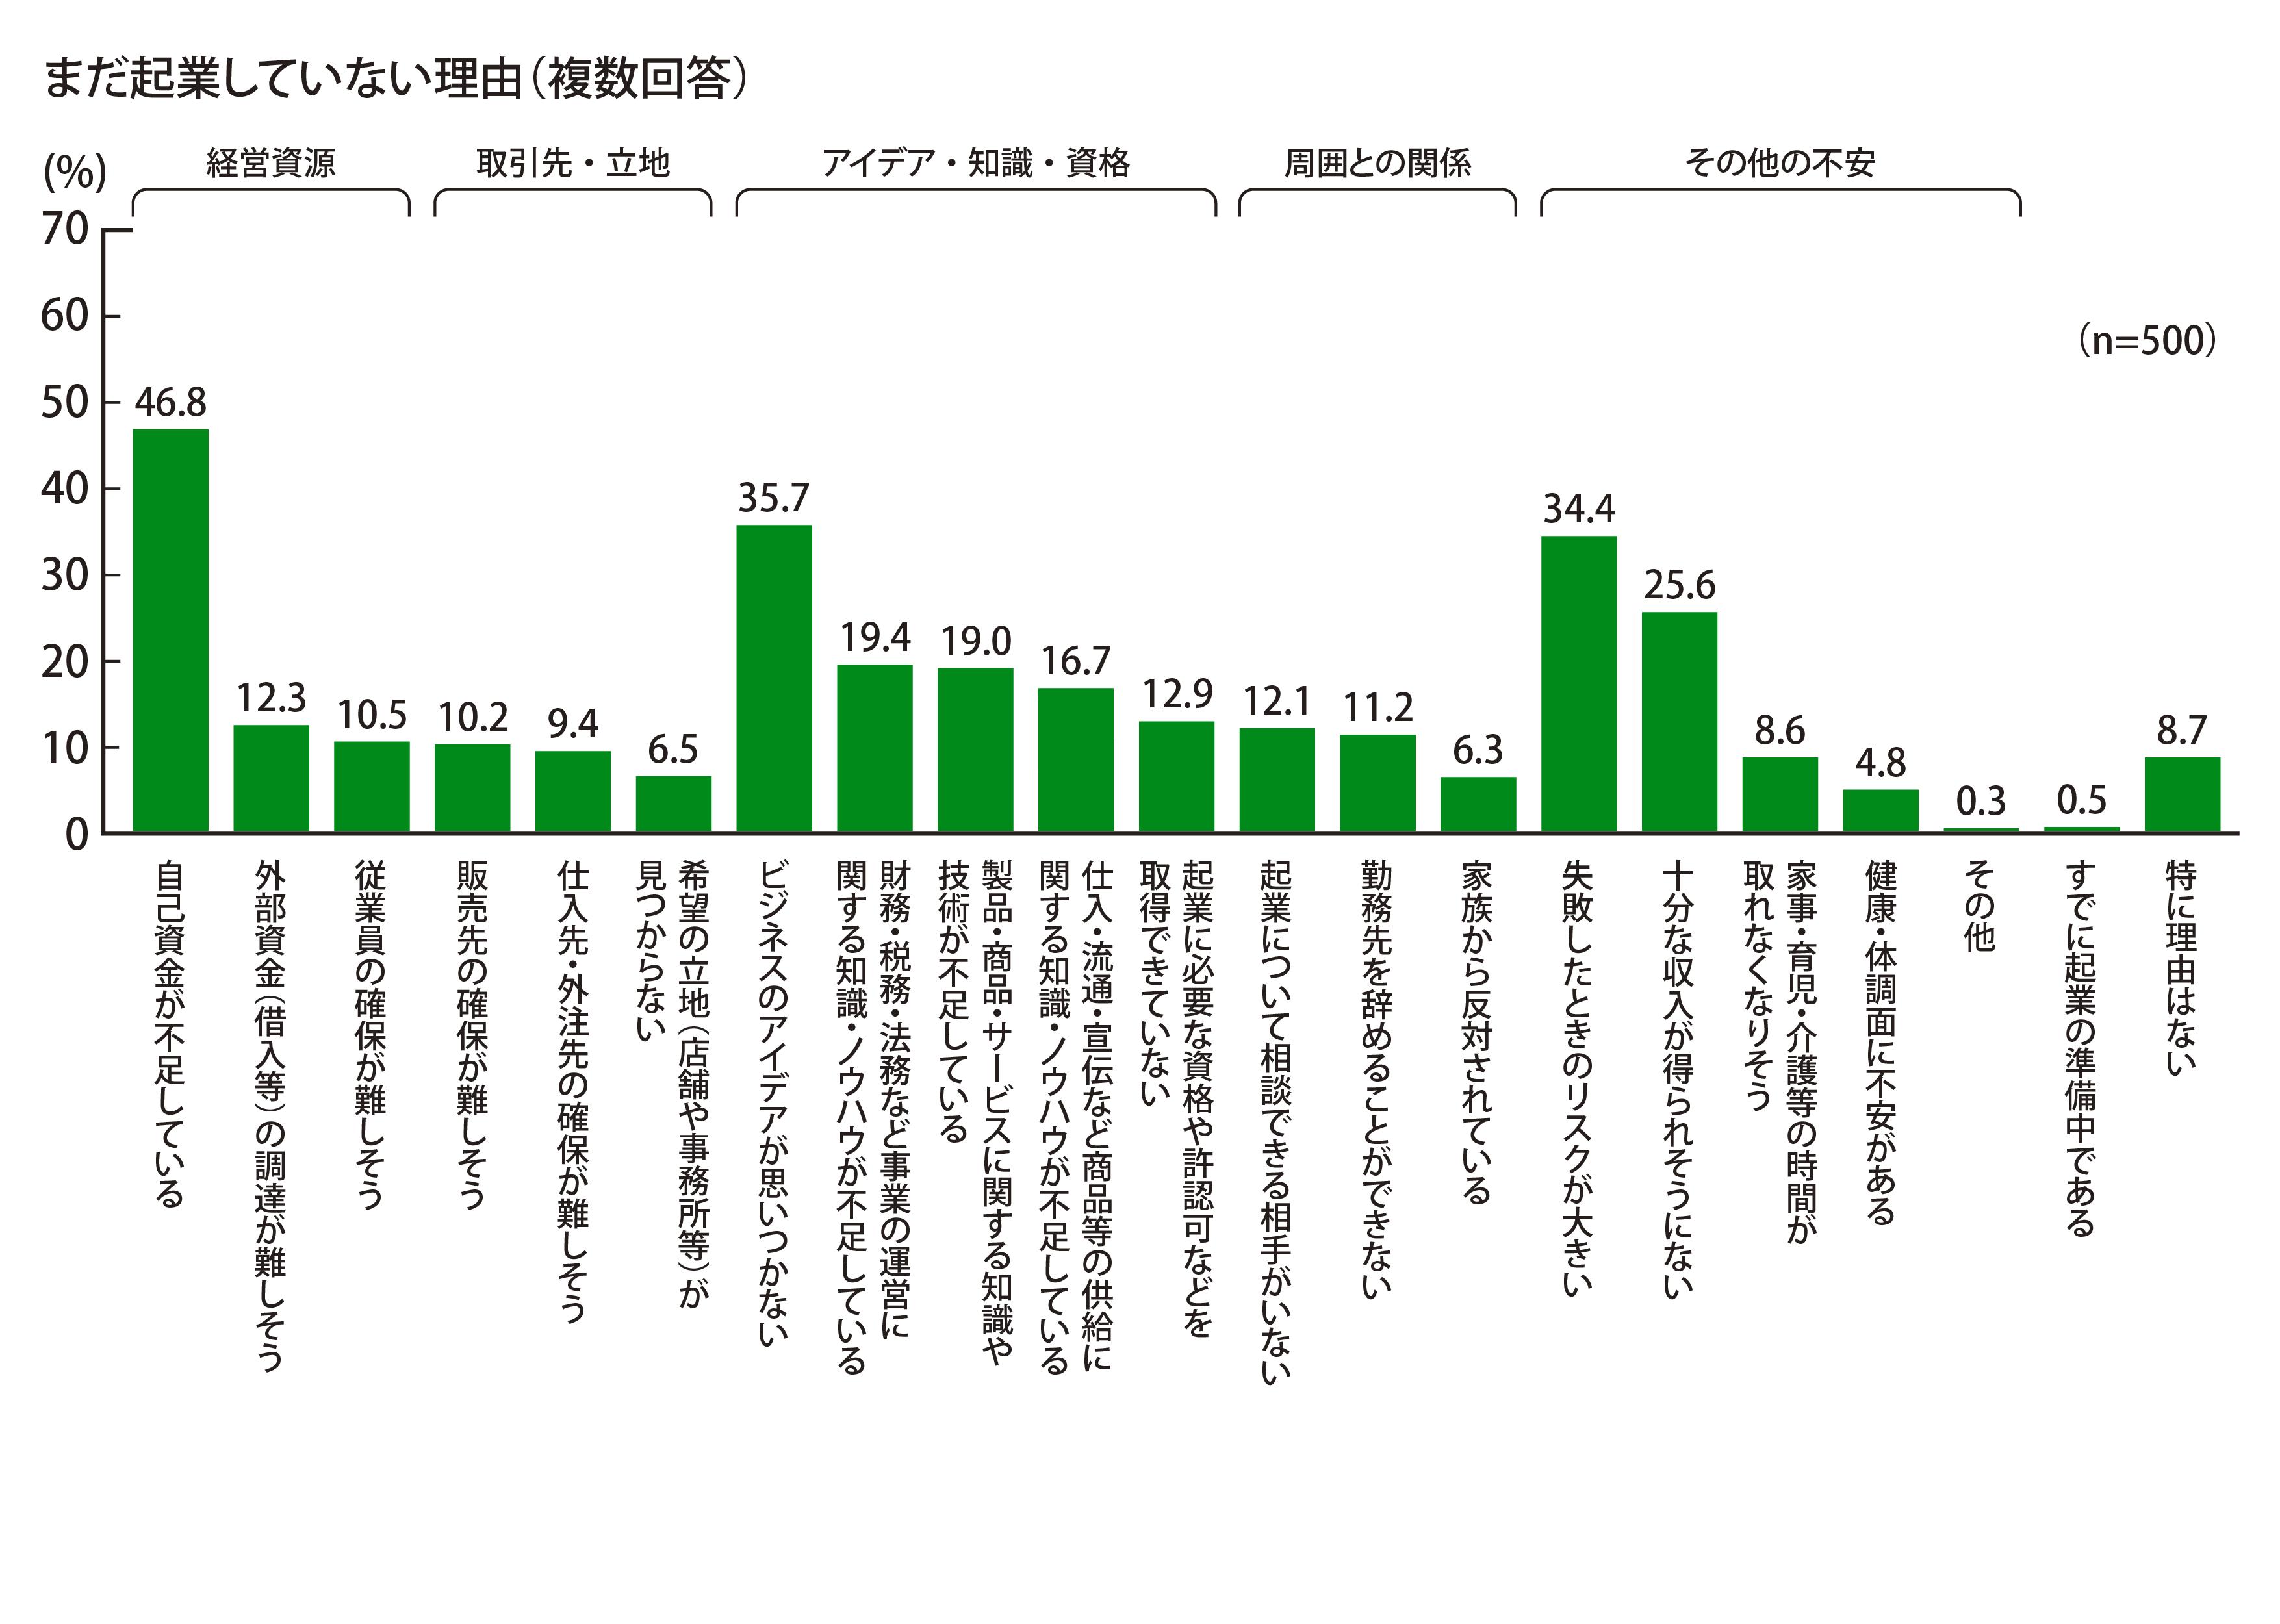 まだ起業していない理由として、「自己資金が不足している」という回答が46.8%で最多であった